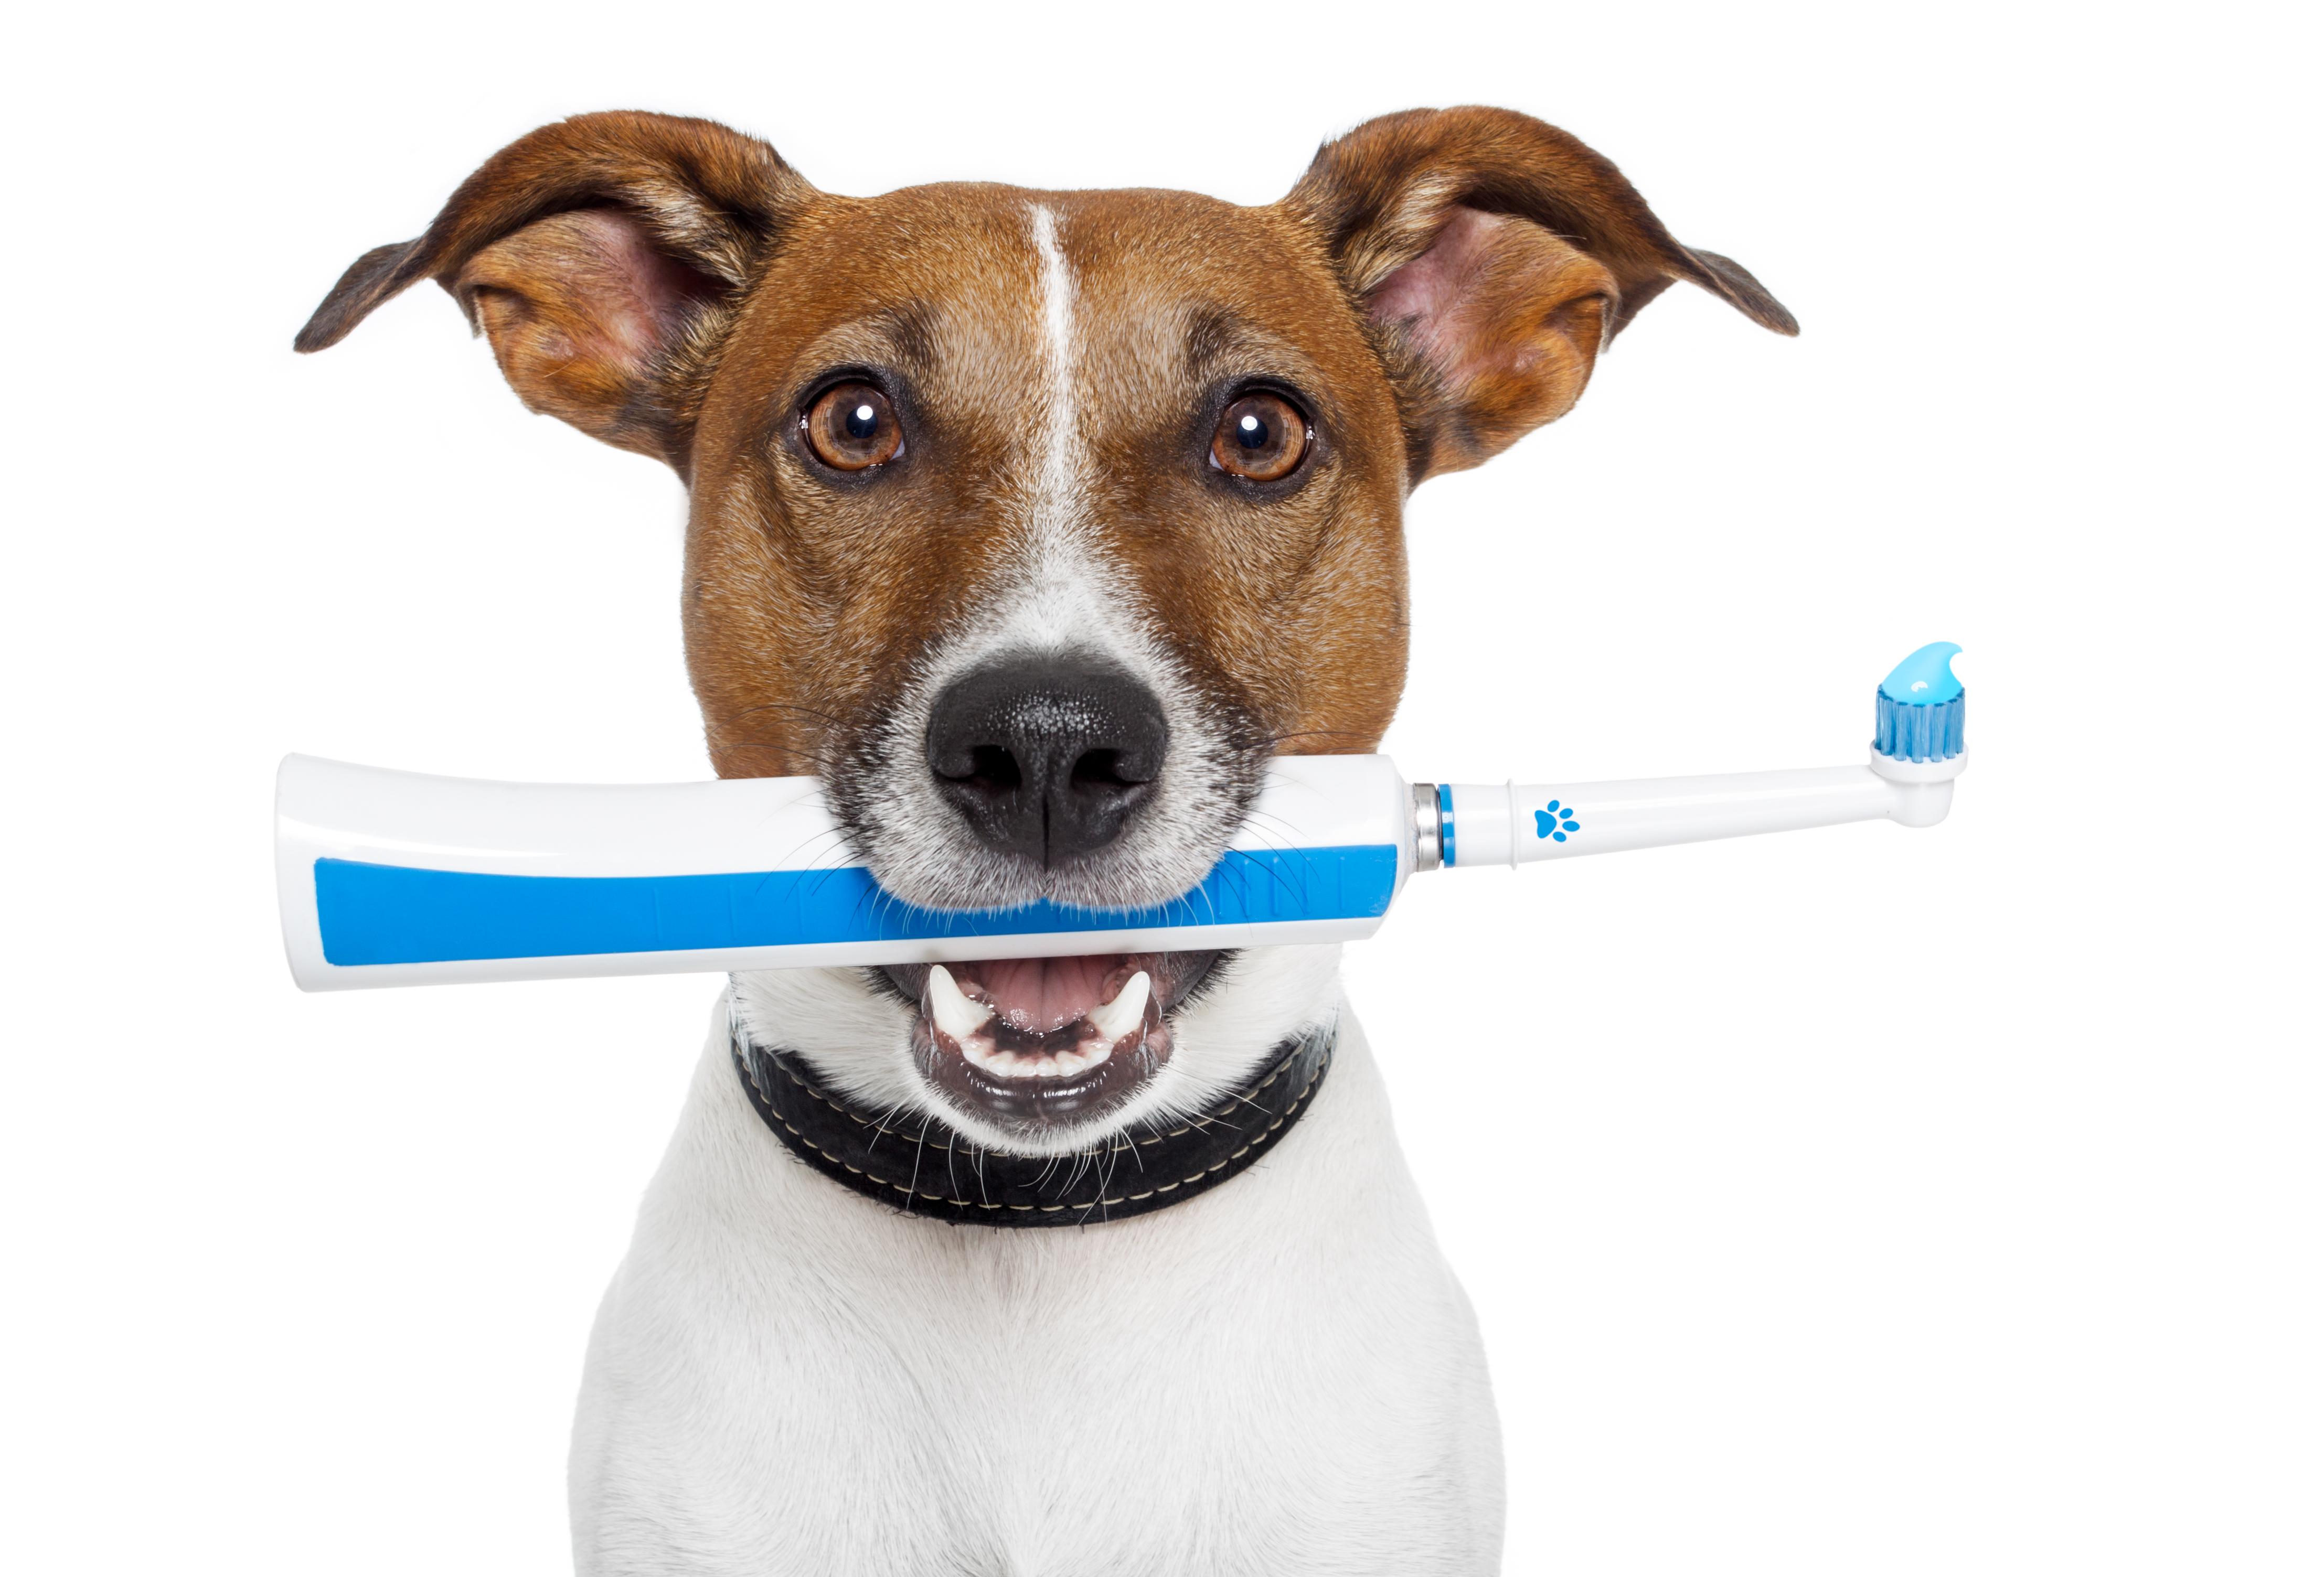 elektrische tandenborstel beter dan een gewone